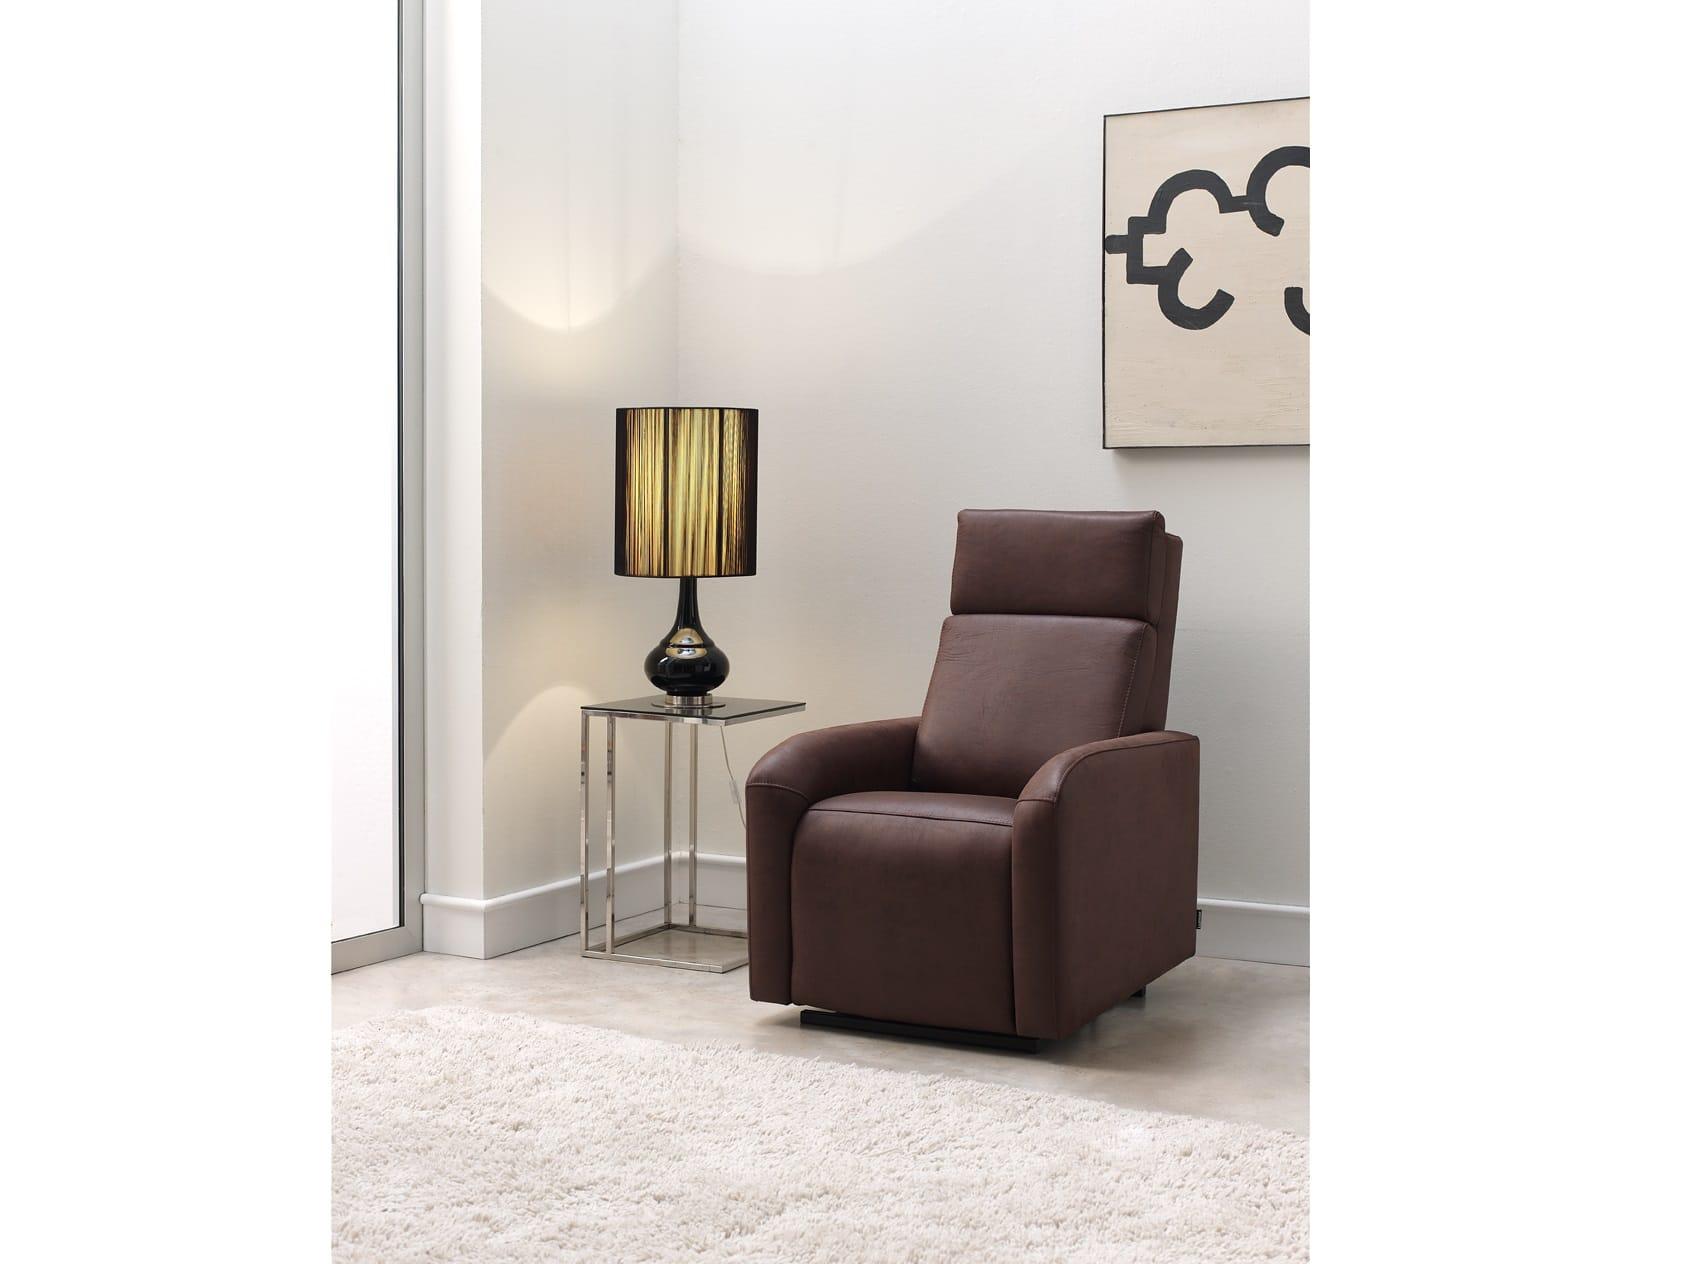 Sill n nieve bautista muebles y decoraci n for Bautista muebles y decoracion